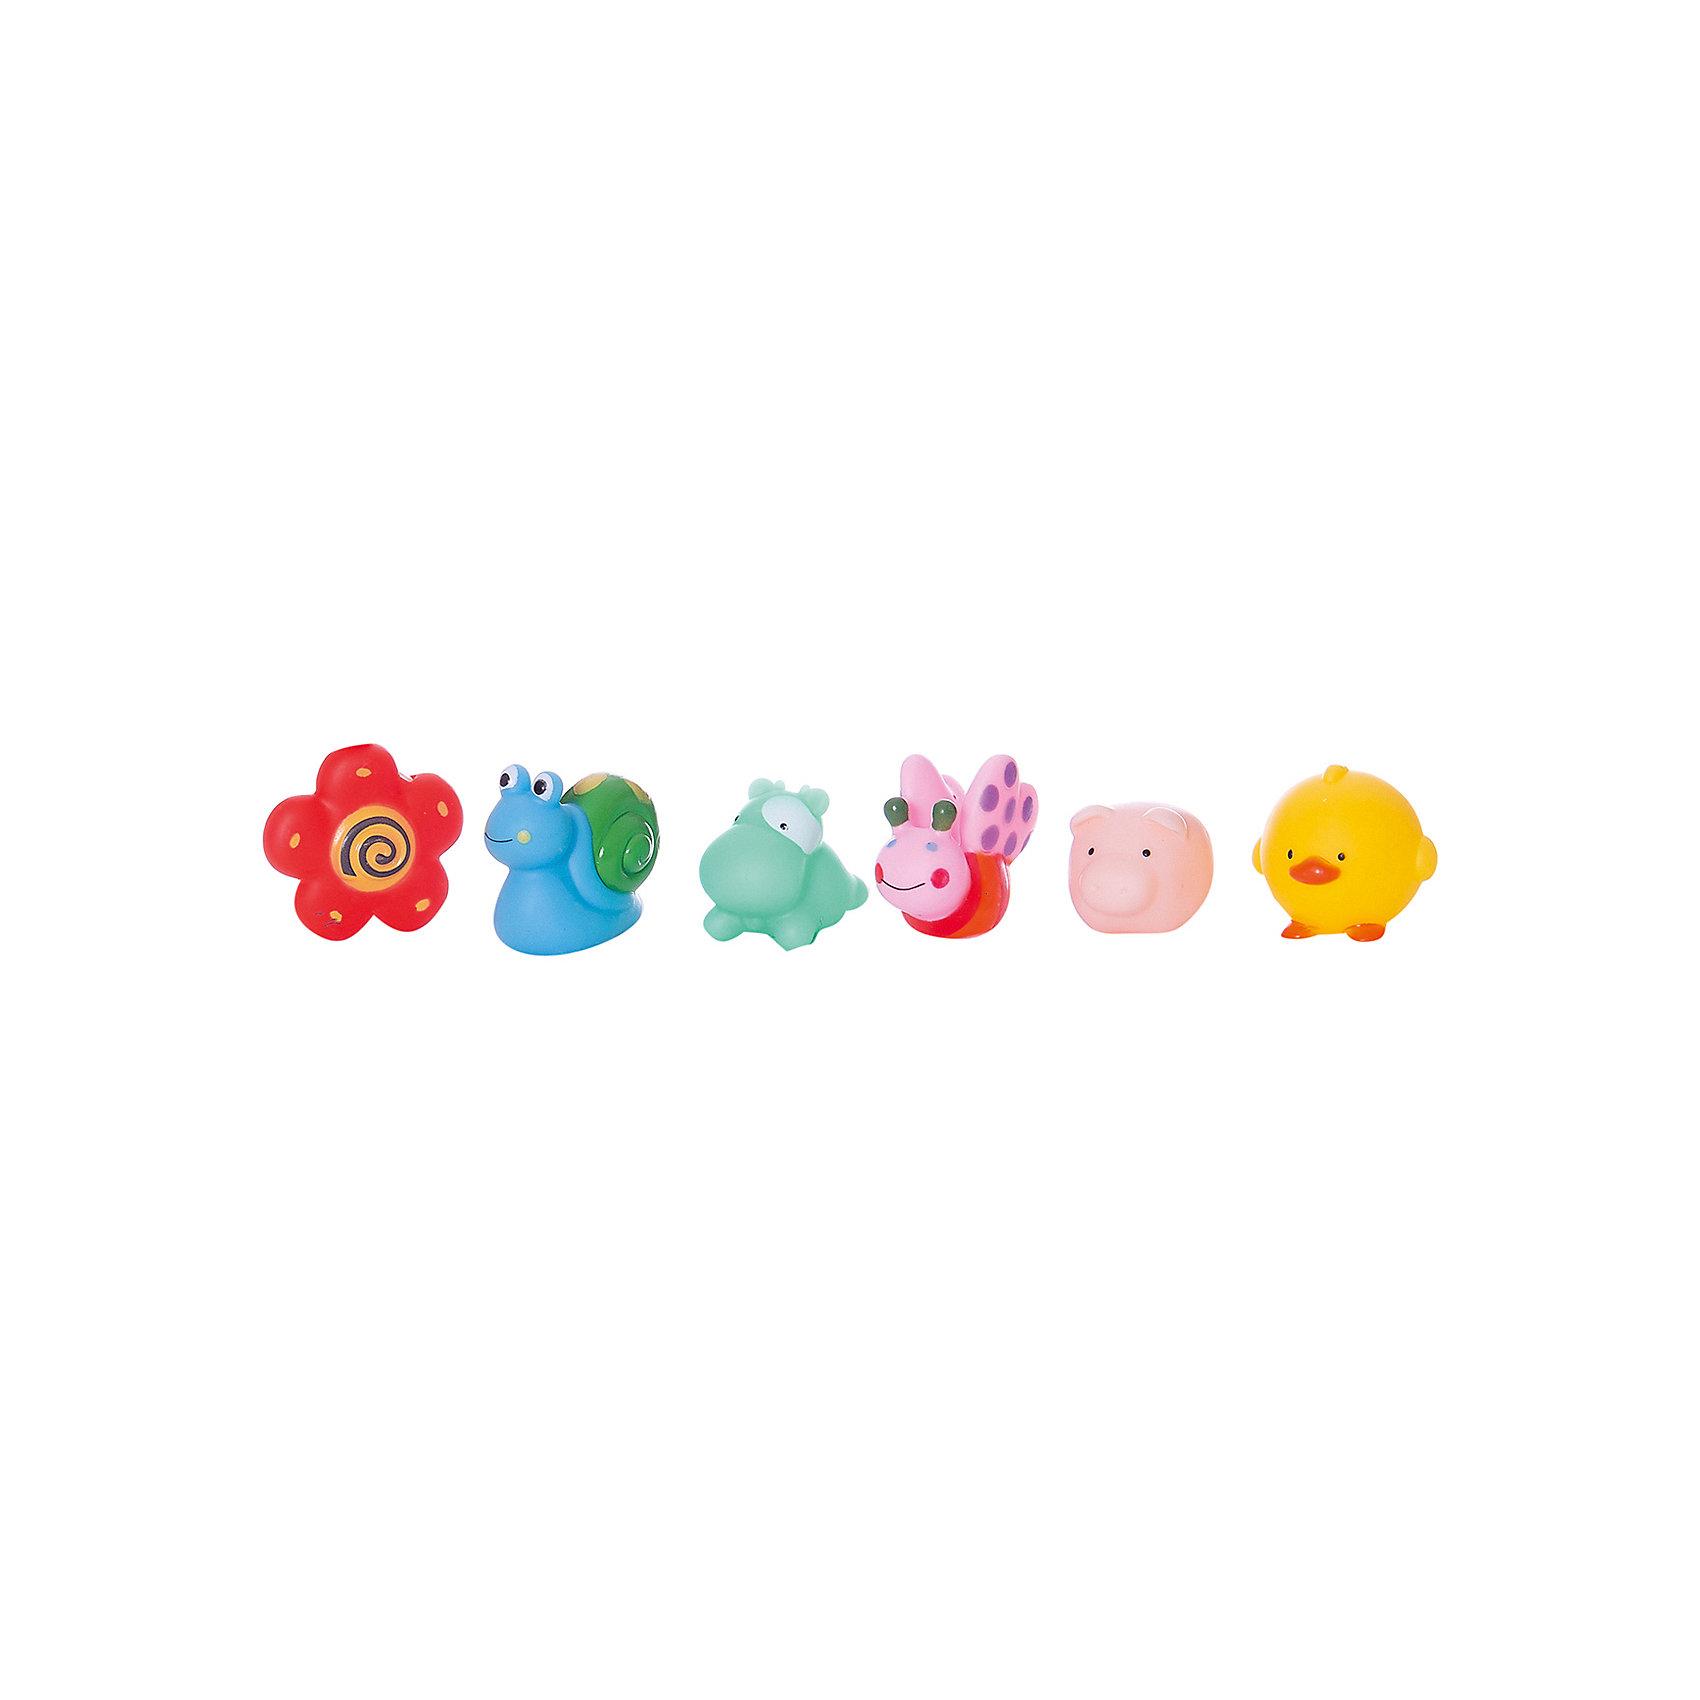 Набор резиновых игрушек для ванной Веселое купание, 6 предм., ABtoysВеселое купание. Набор резиновых игрушек для ванной, в наборе 6 шт., в пакете, 16х18х3см<br><br>Ширина мм: 160<br>Глубина мм: 180<br>Высота мм: 30<br>Вес г: 83<br>Возраст от месяцев: 36<br>Возраст до месяцев: 96<br>Пол: Унисекс<br>Возраст: Детский<br>SKU: 5500916